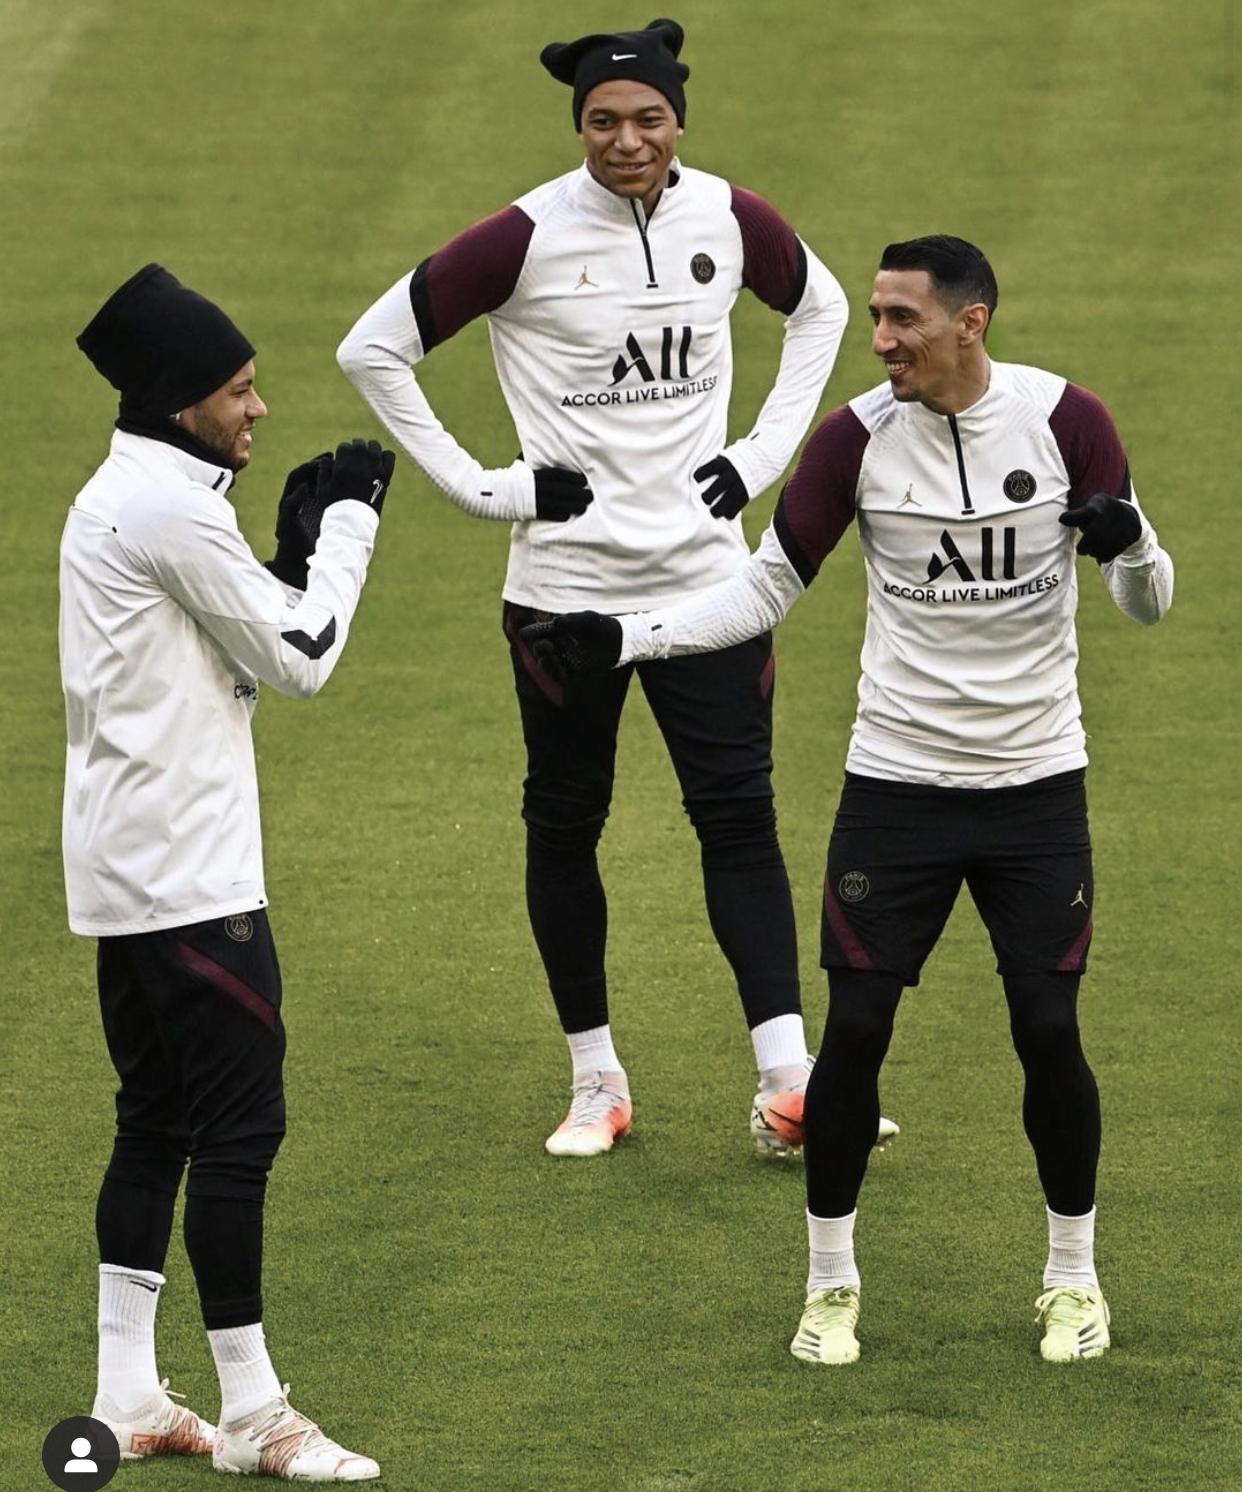 PSG : Quelques inquiétudes levées avant le choc face à Manchester City ! 1